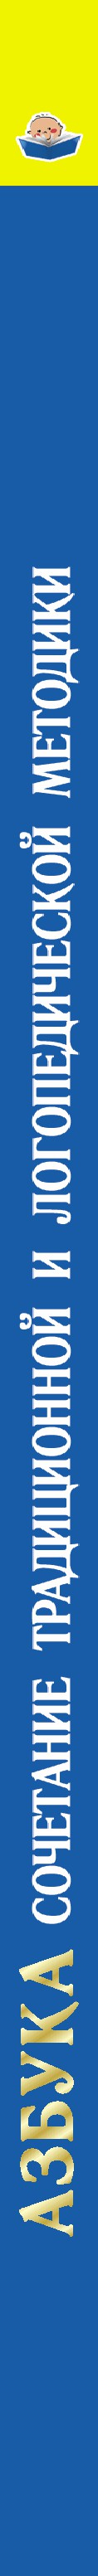 Азбука. Сочетание традиционной и логопедической методики